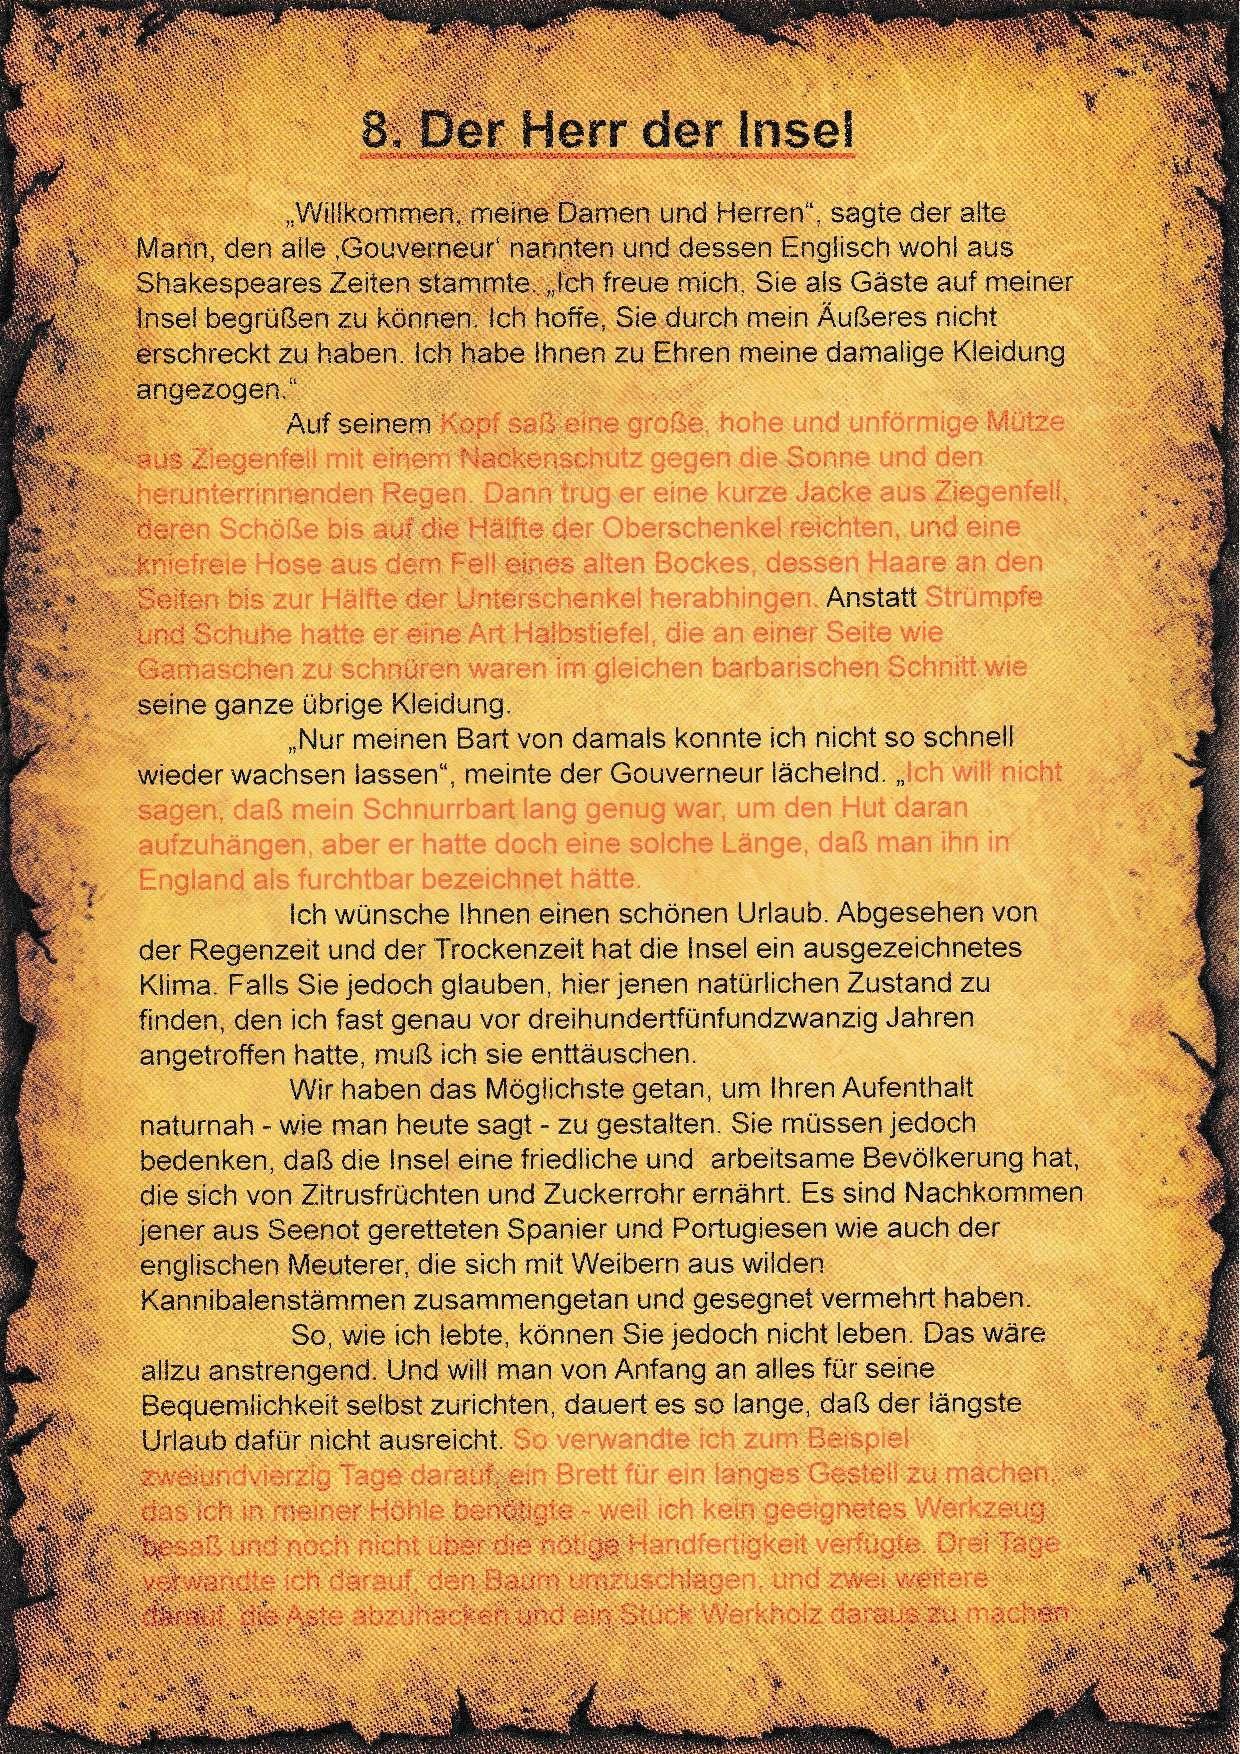 8. Literatur-Rätsel - A